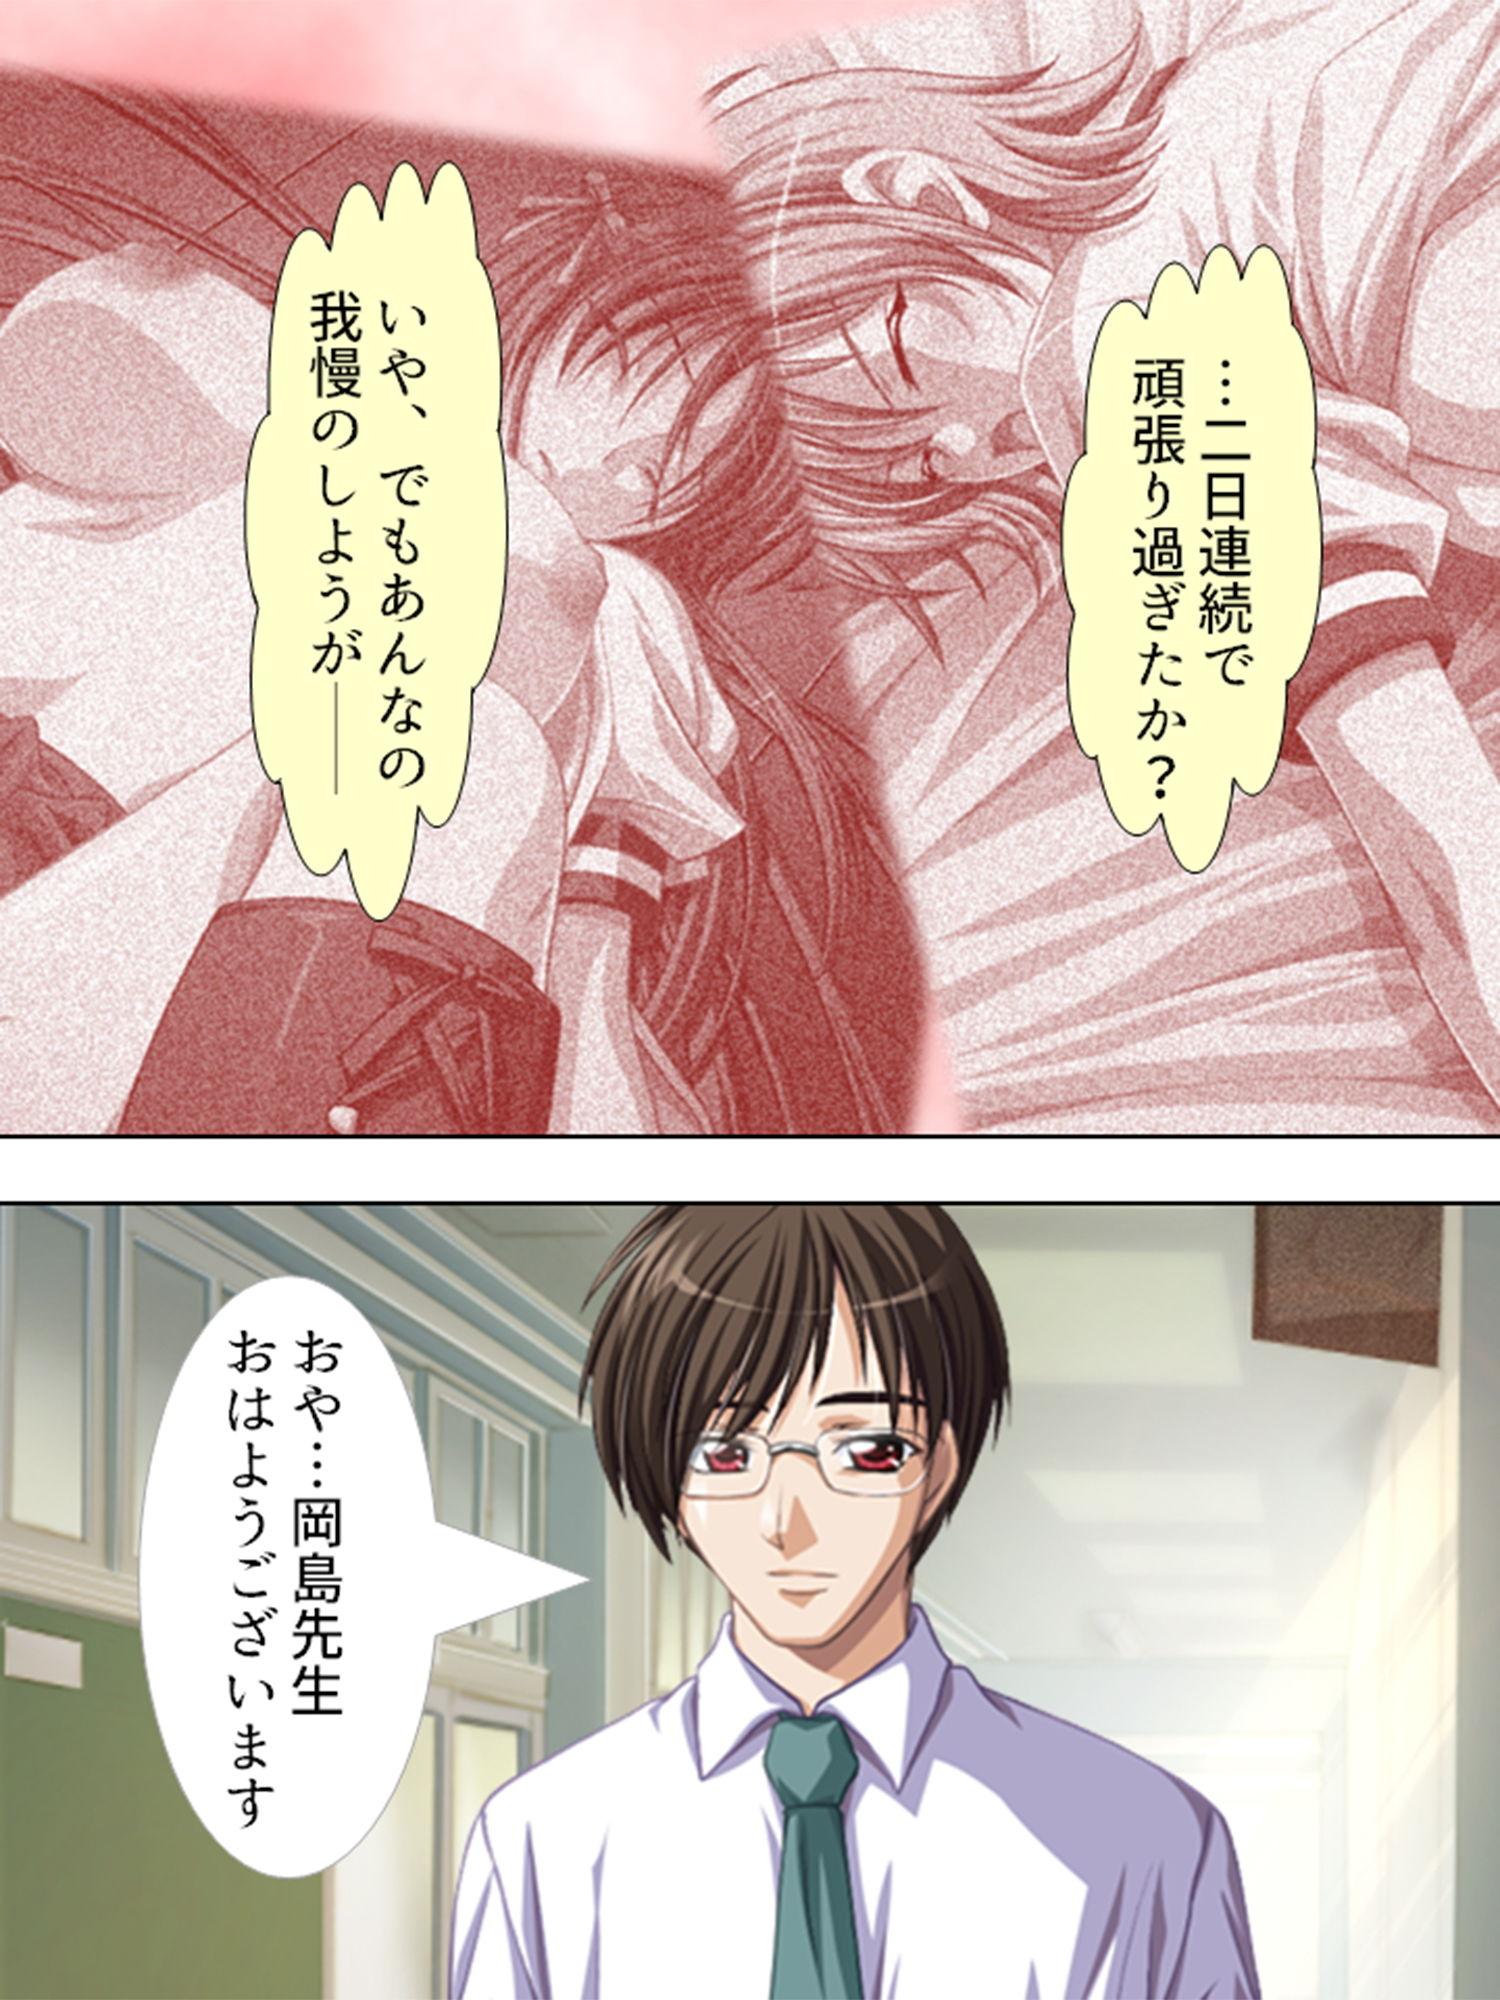 サンプル画像3:この学校の女生徒は、囚われただ穢される運命です 3巻(アロマコミック) [d_195598]